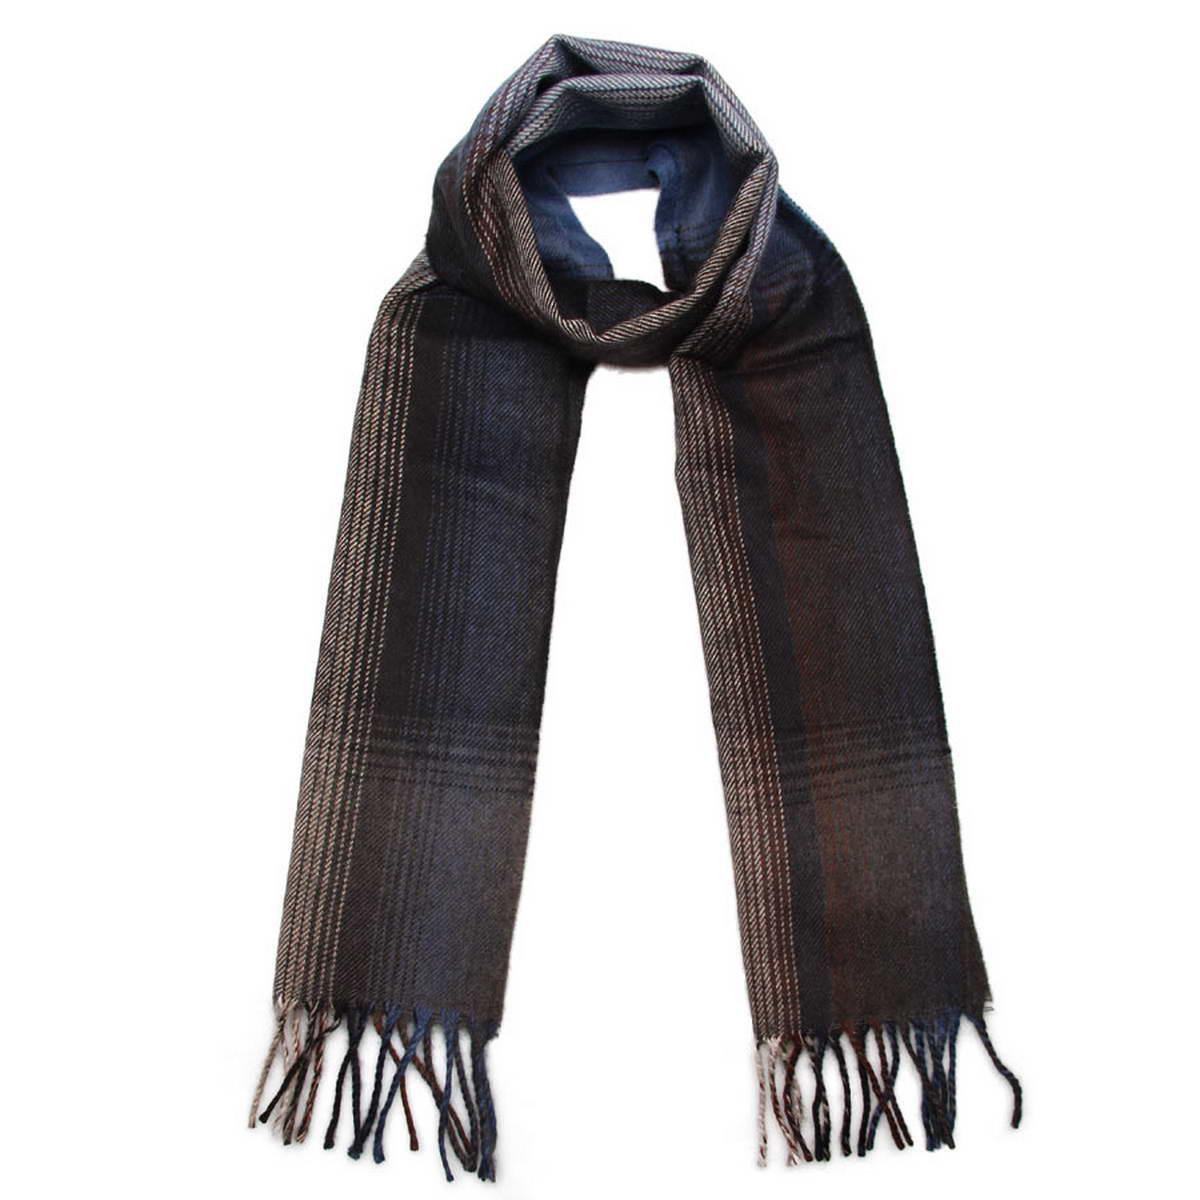 Шарф мужской. 5002832-25002832-2Элегантный мужской шарф Venera согреет вас в холодное время года, а также станет изысканным аксессуаром, который призван подчеркнуть ваш стиль и индивидуальность. Оригинальный теплый шарф выполнен из высококачественной пряжи на основе шерсти с добавлением акрила. Шарф оформлен узором в полоску и дополнен жгутиками по краю. Такой шарф станет превосходным дополнением к любому наряду, защитит вас от ветра и холода и позволит вам создать свой неповторимый стиль.